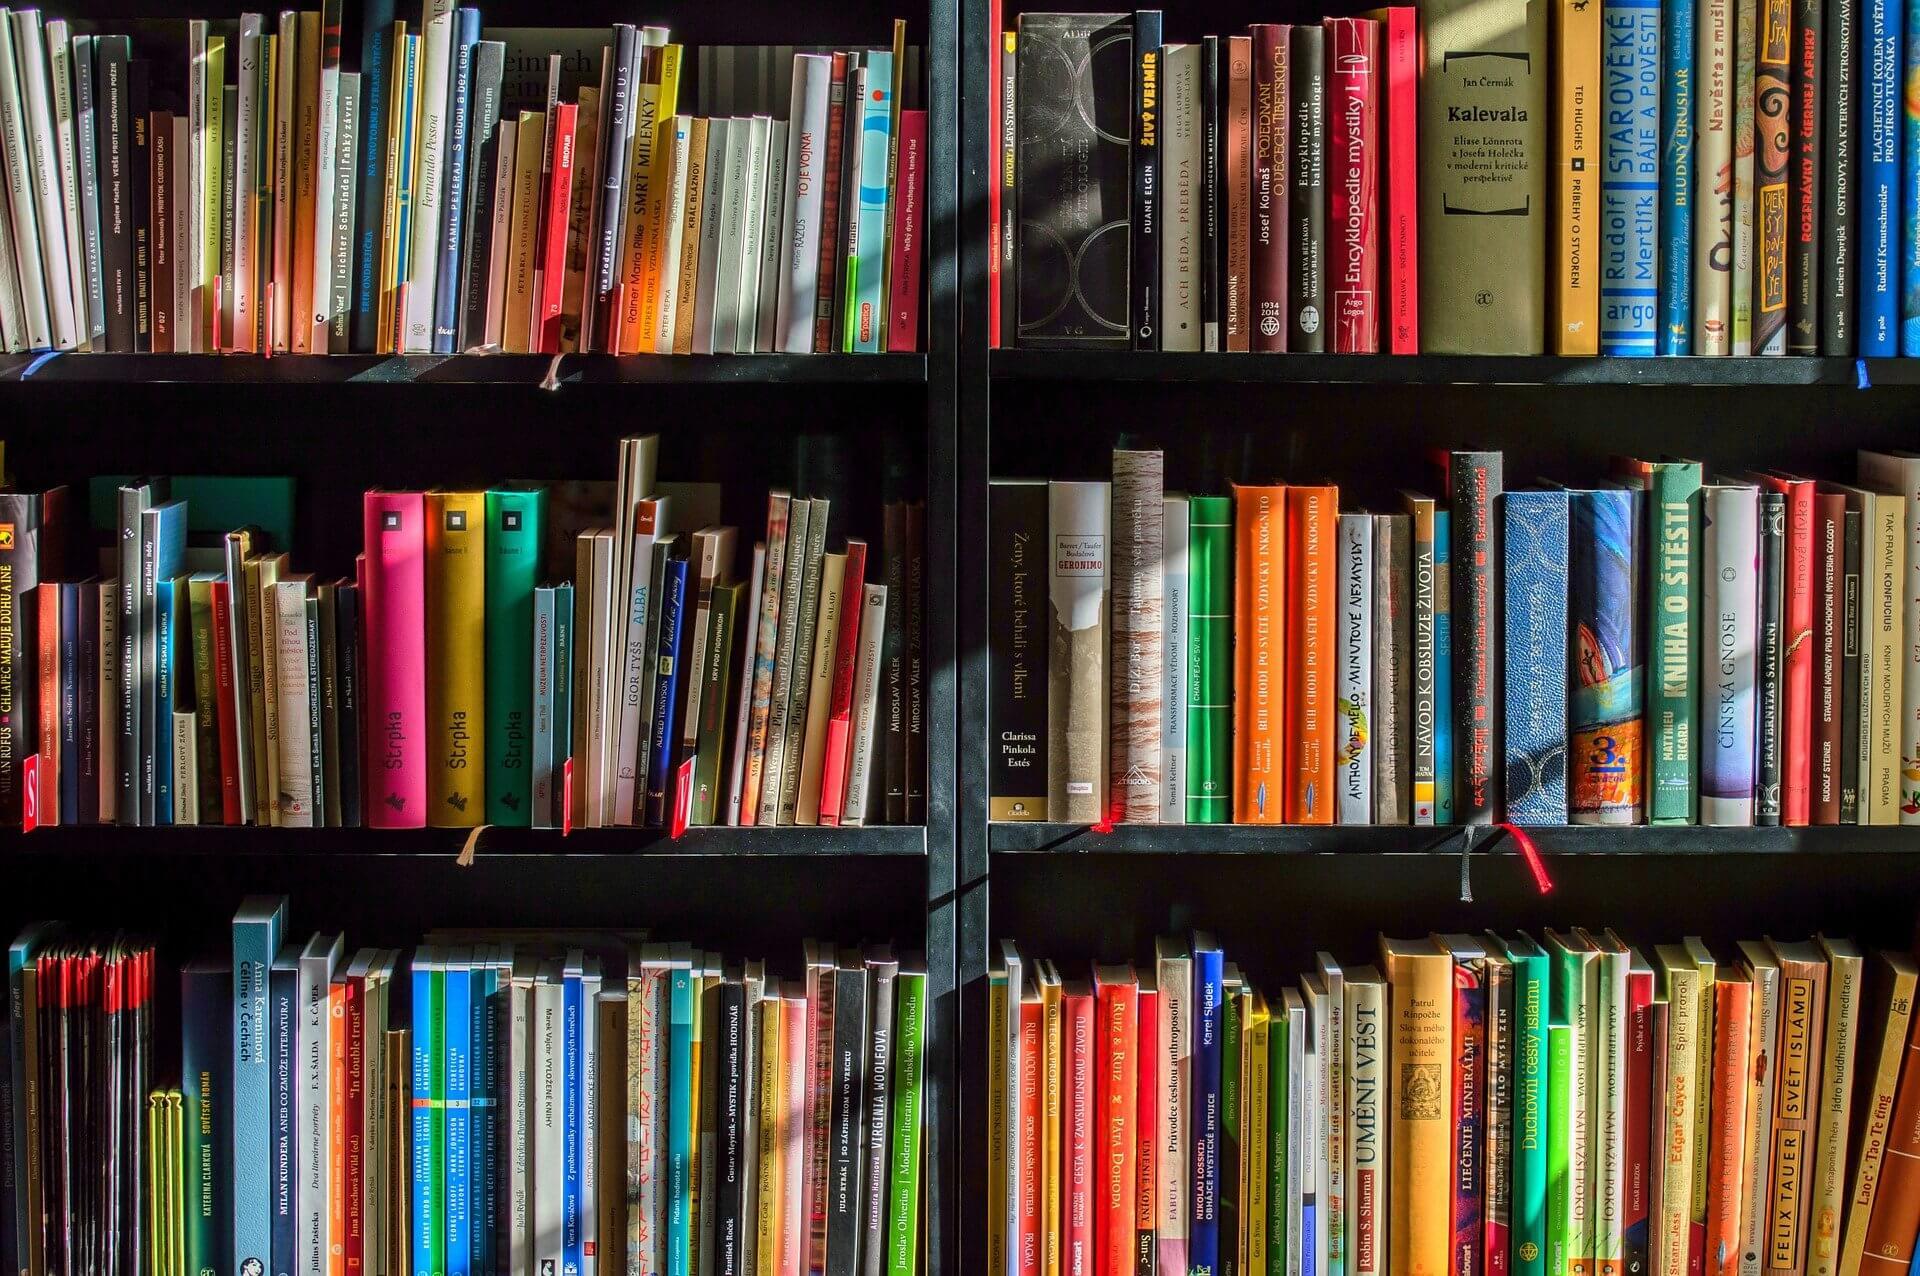 おすすめのビジネス書を目的別に紹介。自分に合った書籍の選び方も